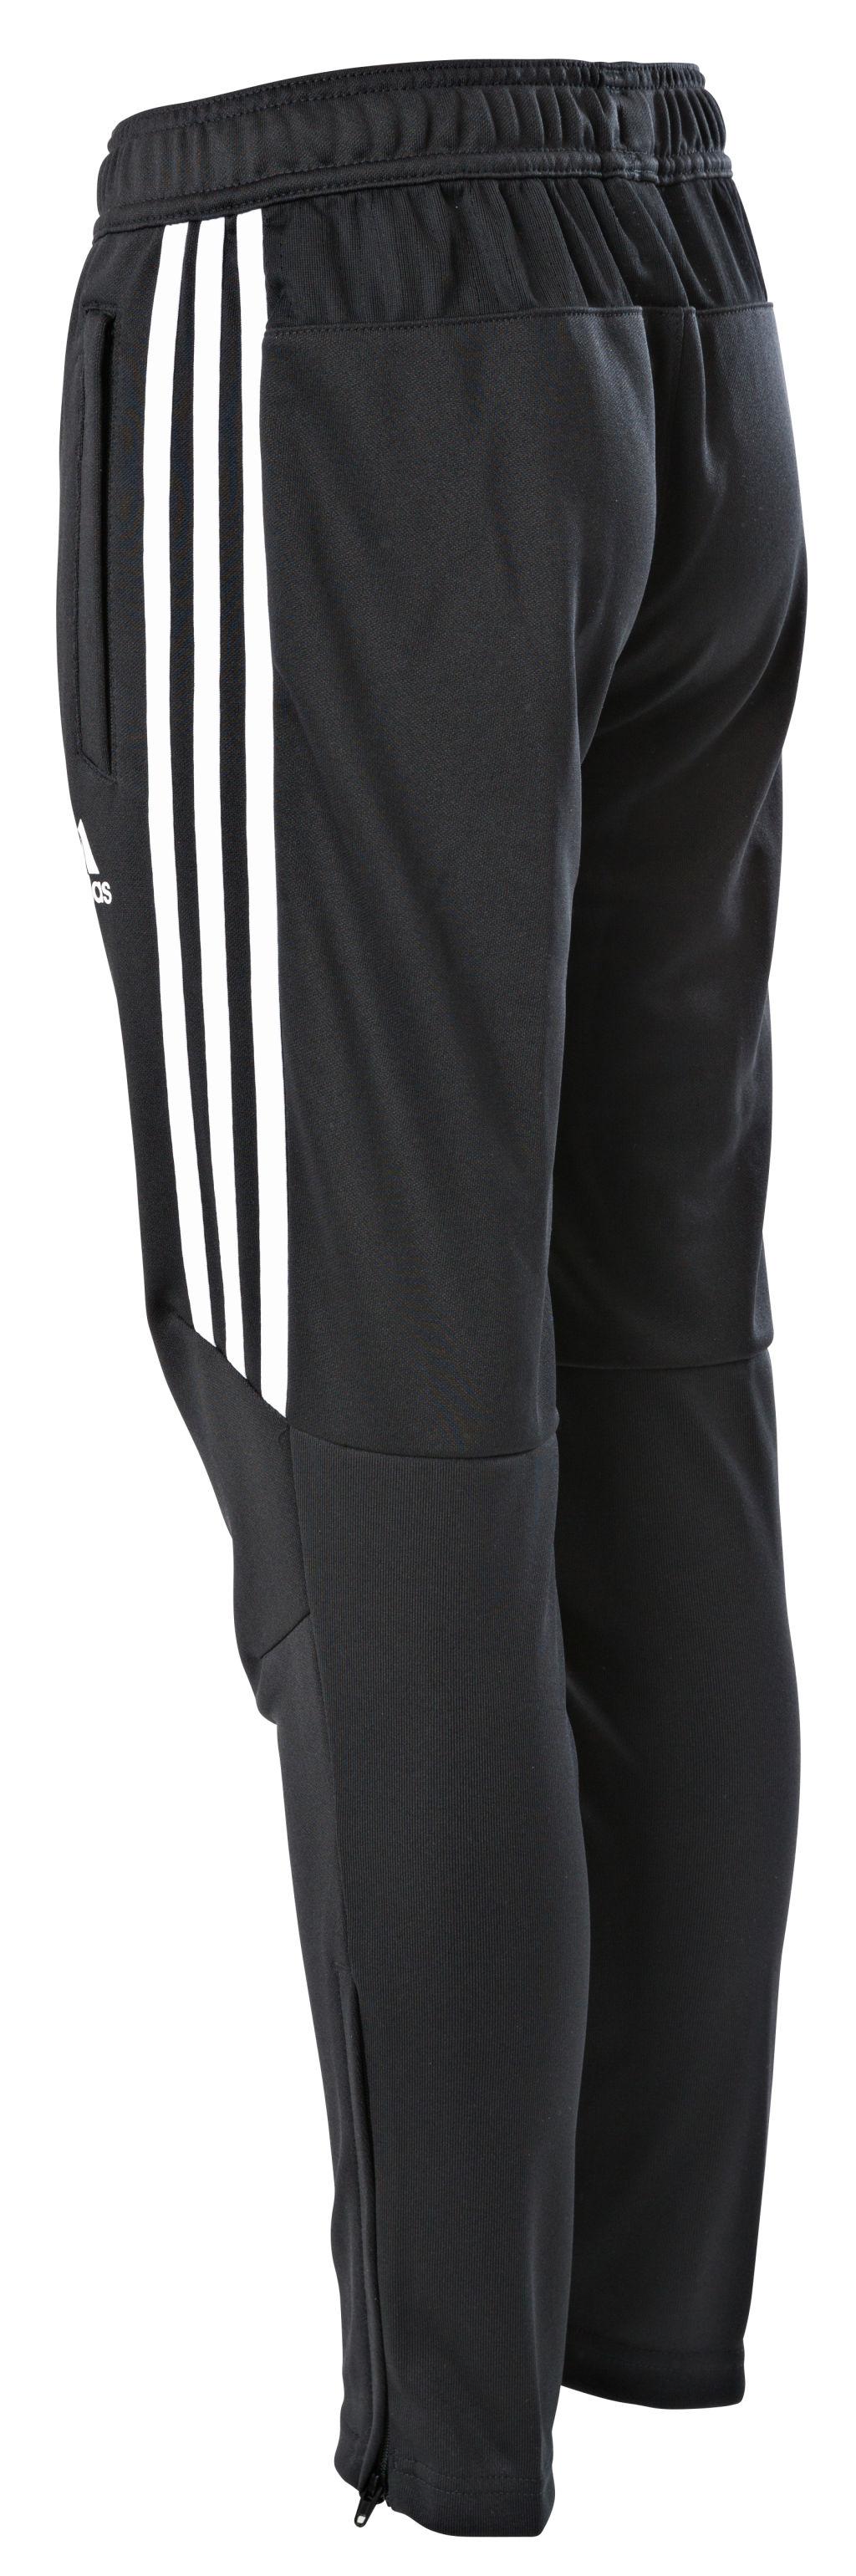 Adidas Tiro17 Trg lasten treenihousut Musta a795243e8f